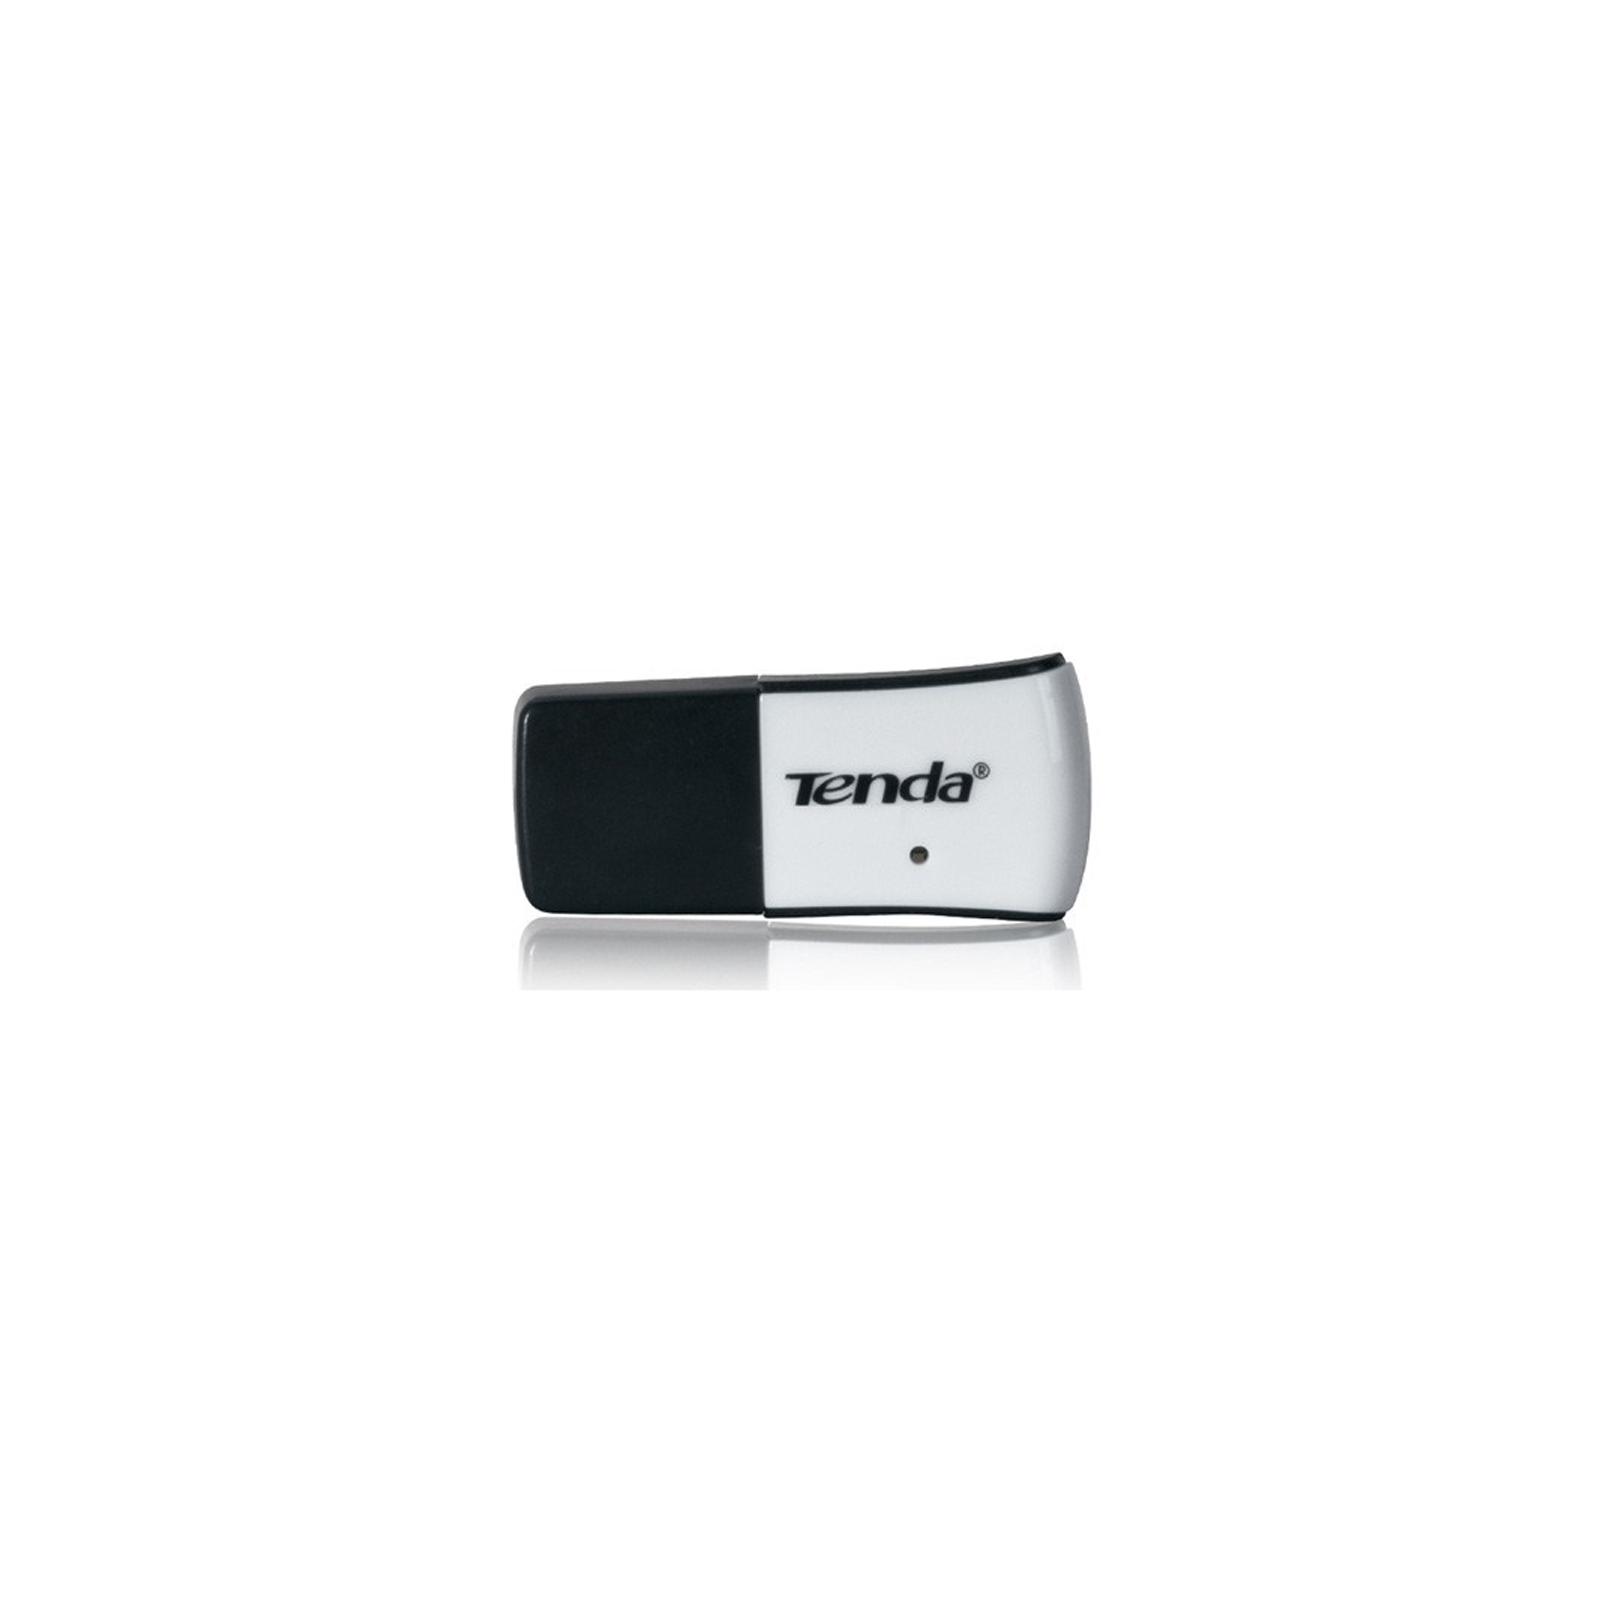 Сетевая карта Wi-Fi TENDA Nano (W311M) изображение 4